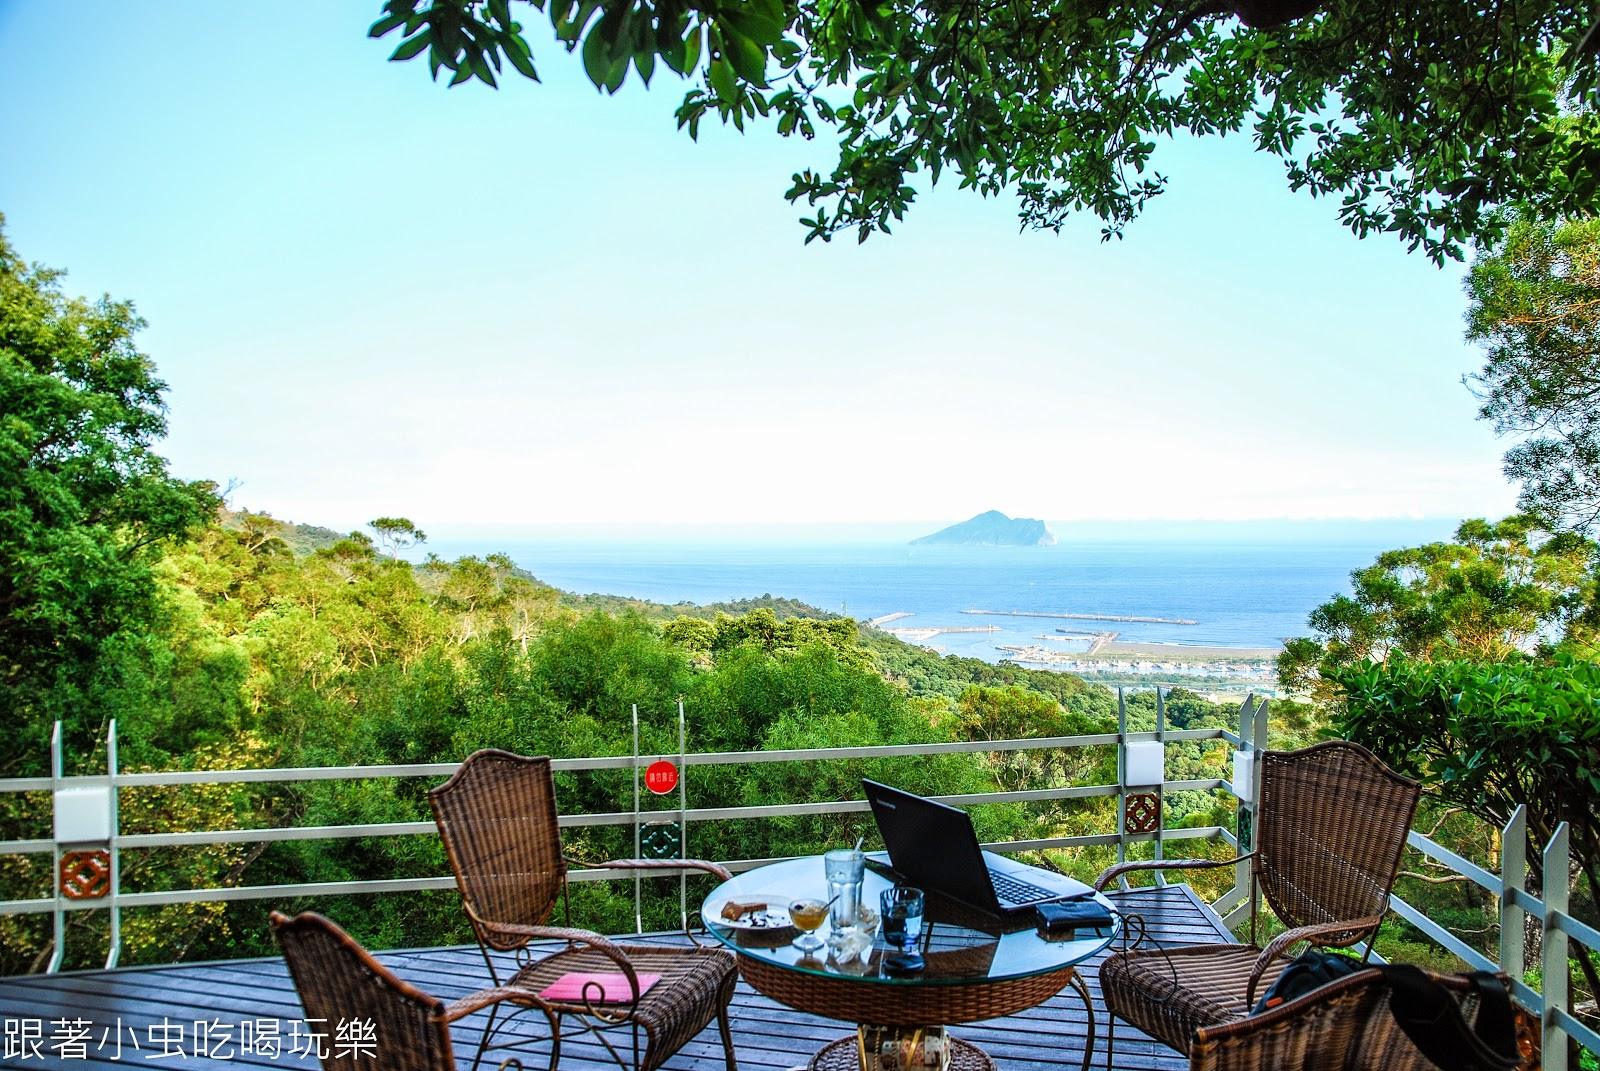 跟著小蟲吃喝玩樂: [宜蘭頭城下午茶] 與龜山島有約 宜蘭最美的海景庭園咖啡廳 @ 平湖園庭園咖啡